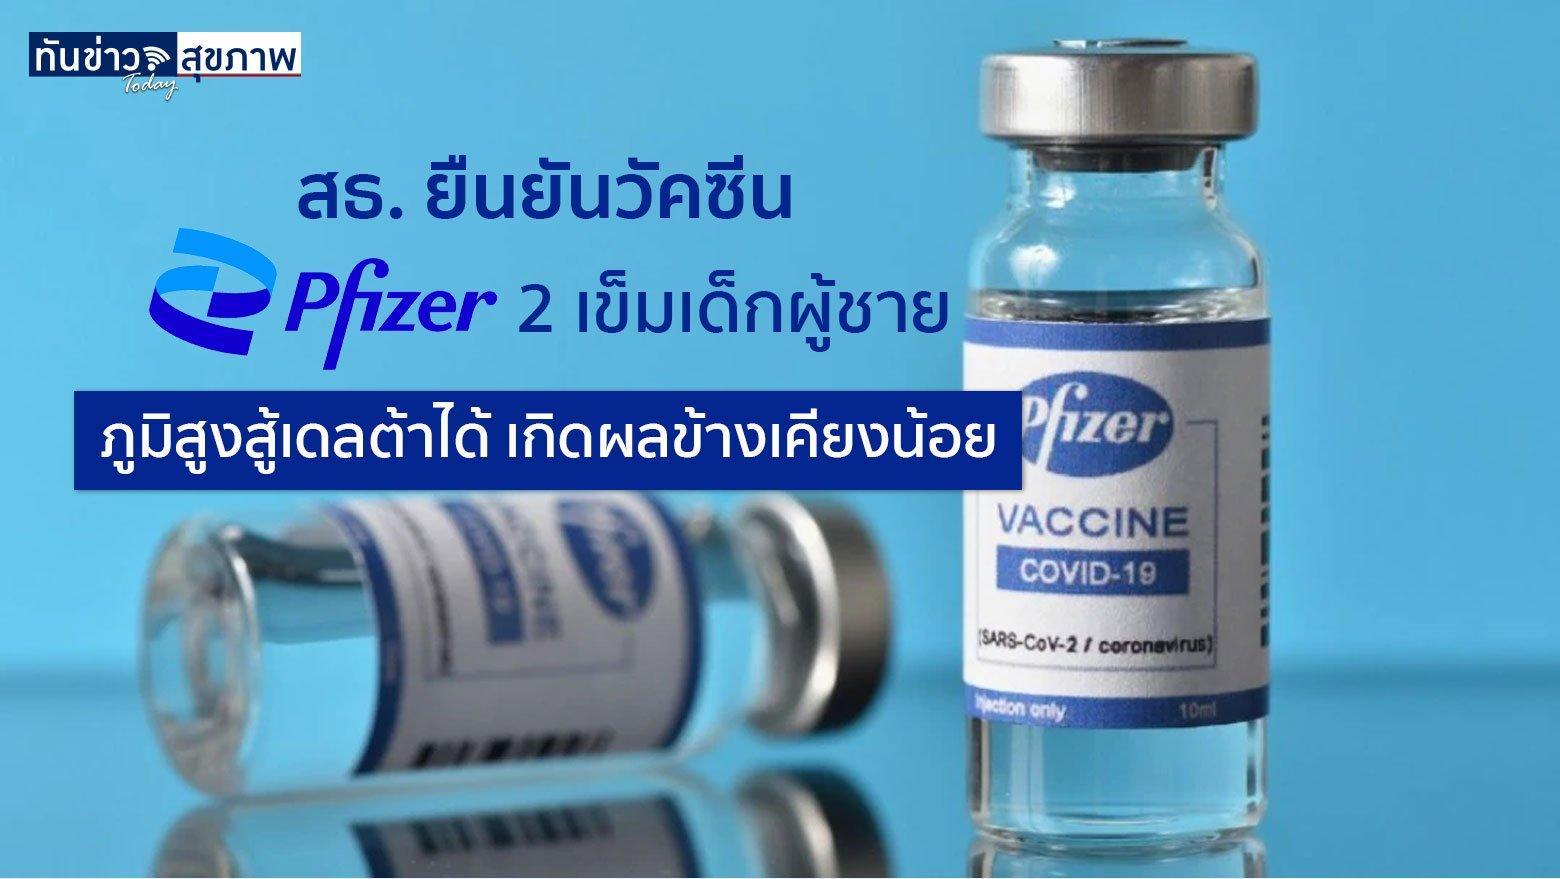 สธ. ยืนยันวัคซีน Pfizer 2 เข็มในเด็กผู้ชาย ช่วยกระตุ้นภูมิสูง โอกาสเกิดผลข้างเคียงน้อย